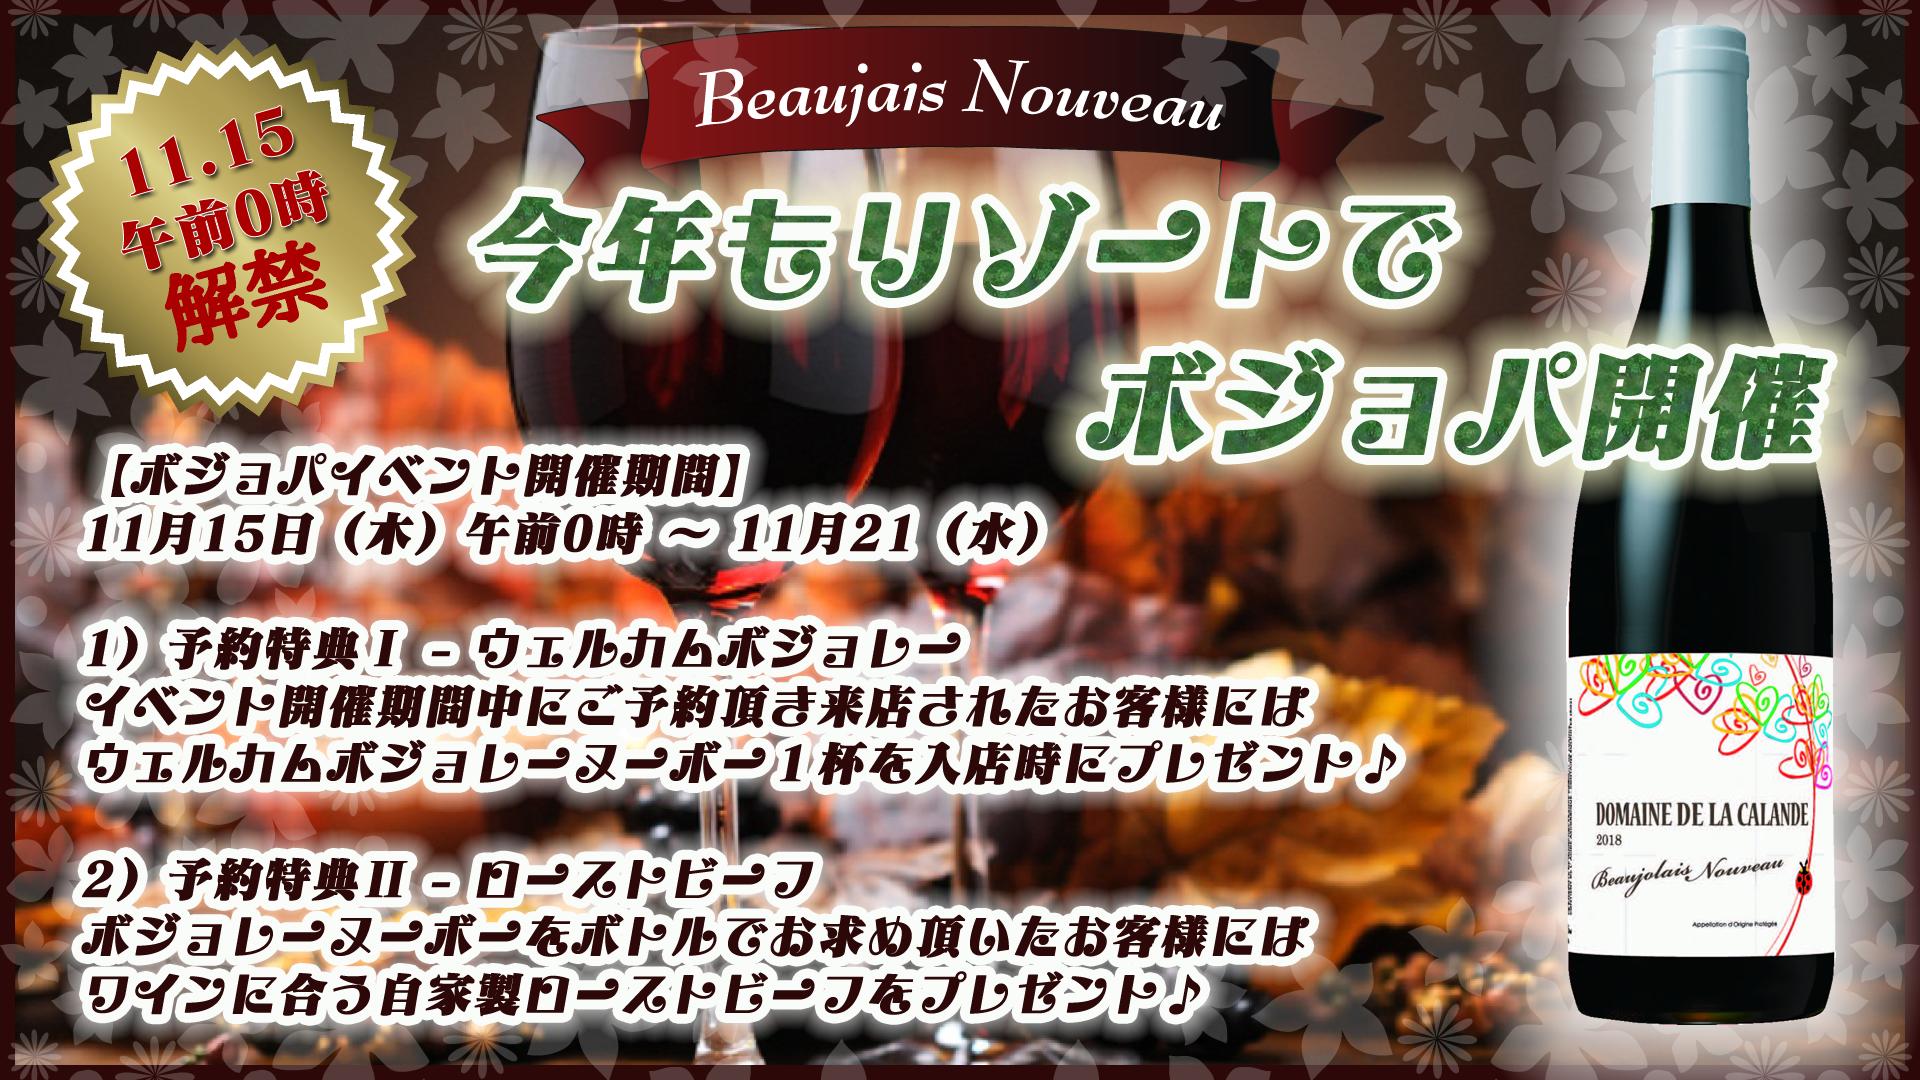 ■2018/11/12 本日の出勤情報 池袋ガールズバーリゾート